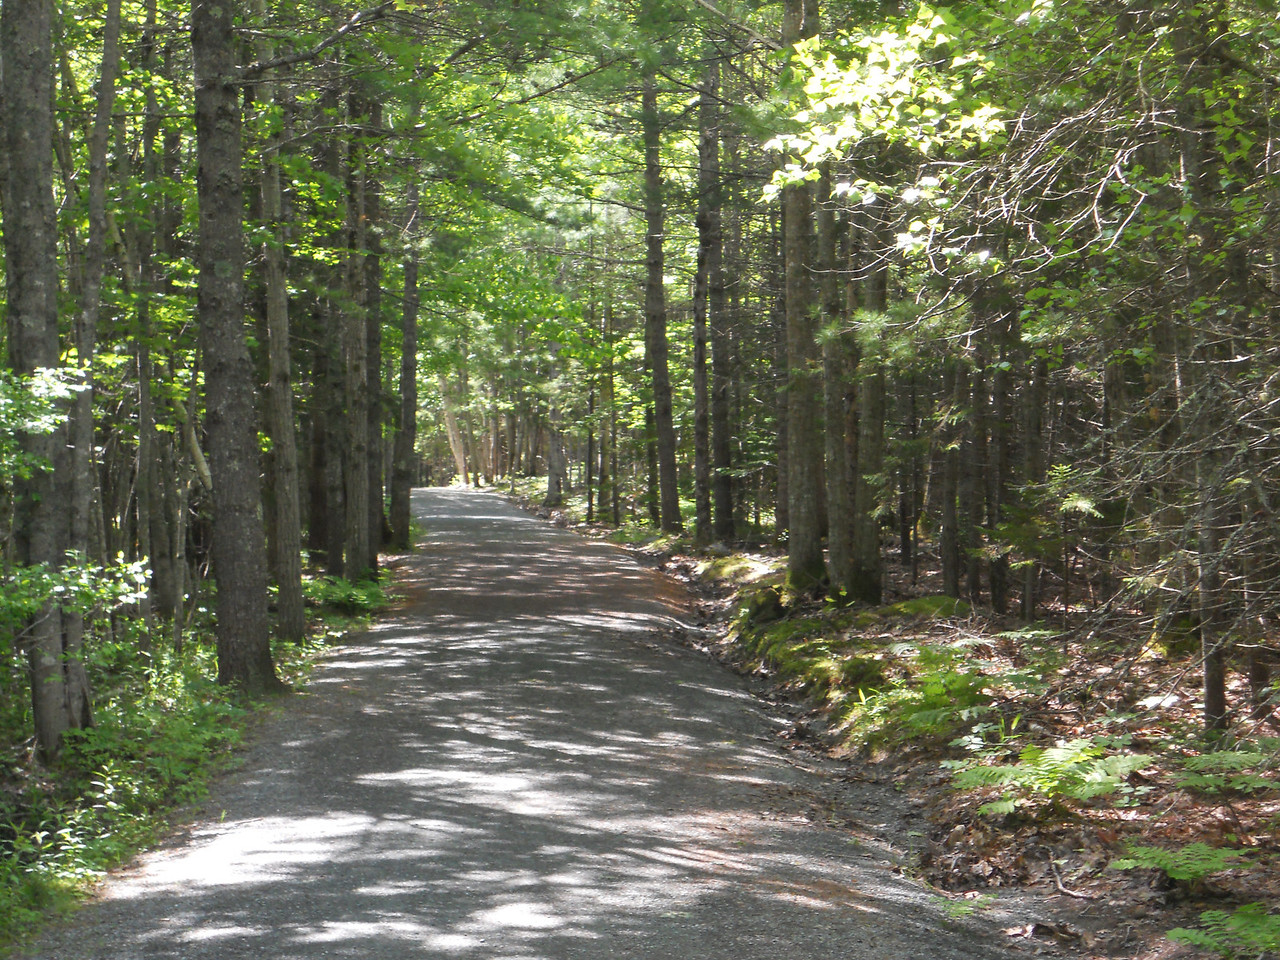 6-10-12 Buzzy pics, Acadia Bike Ride 009